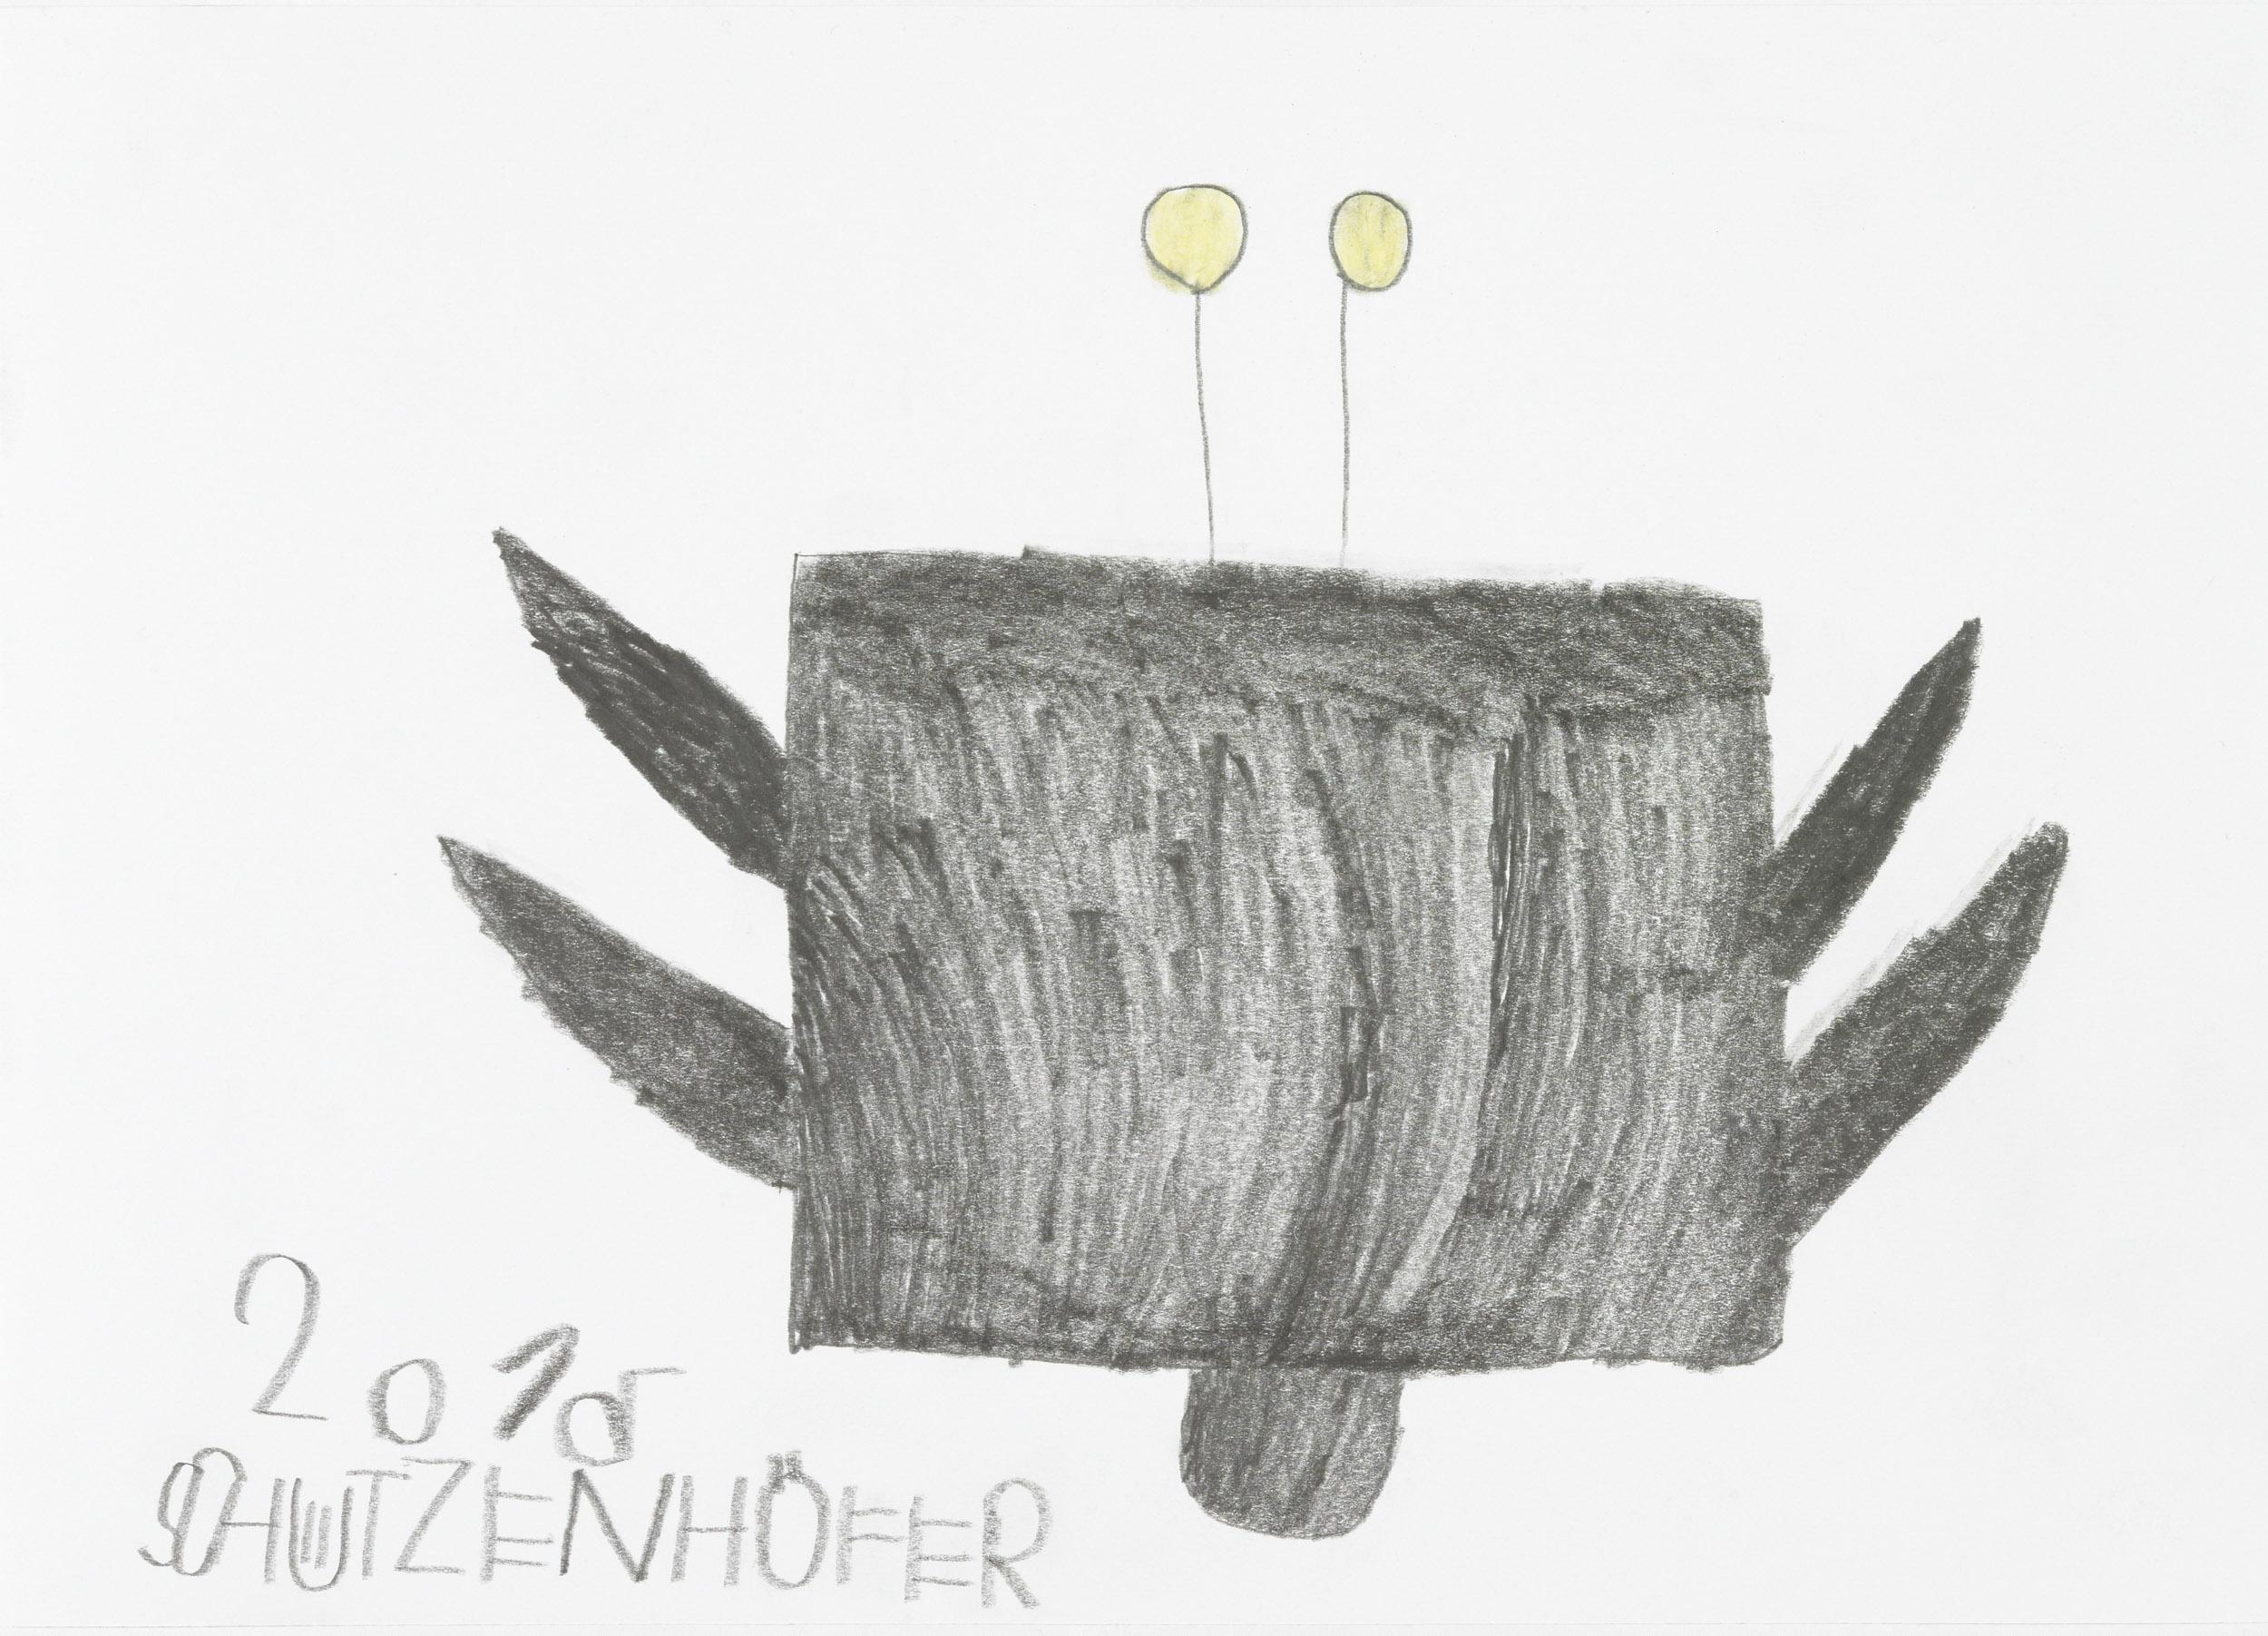 schützenhöfer günther - Schmetterling / Butterfly